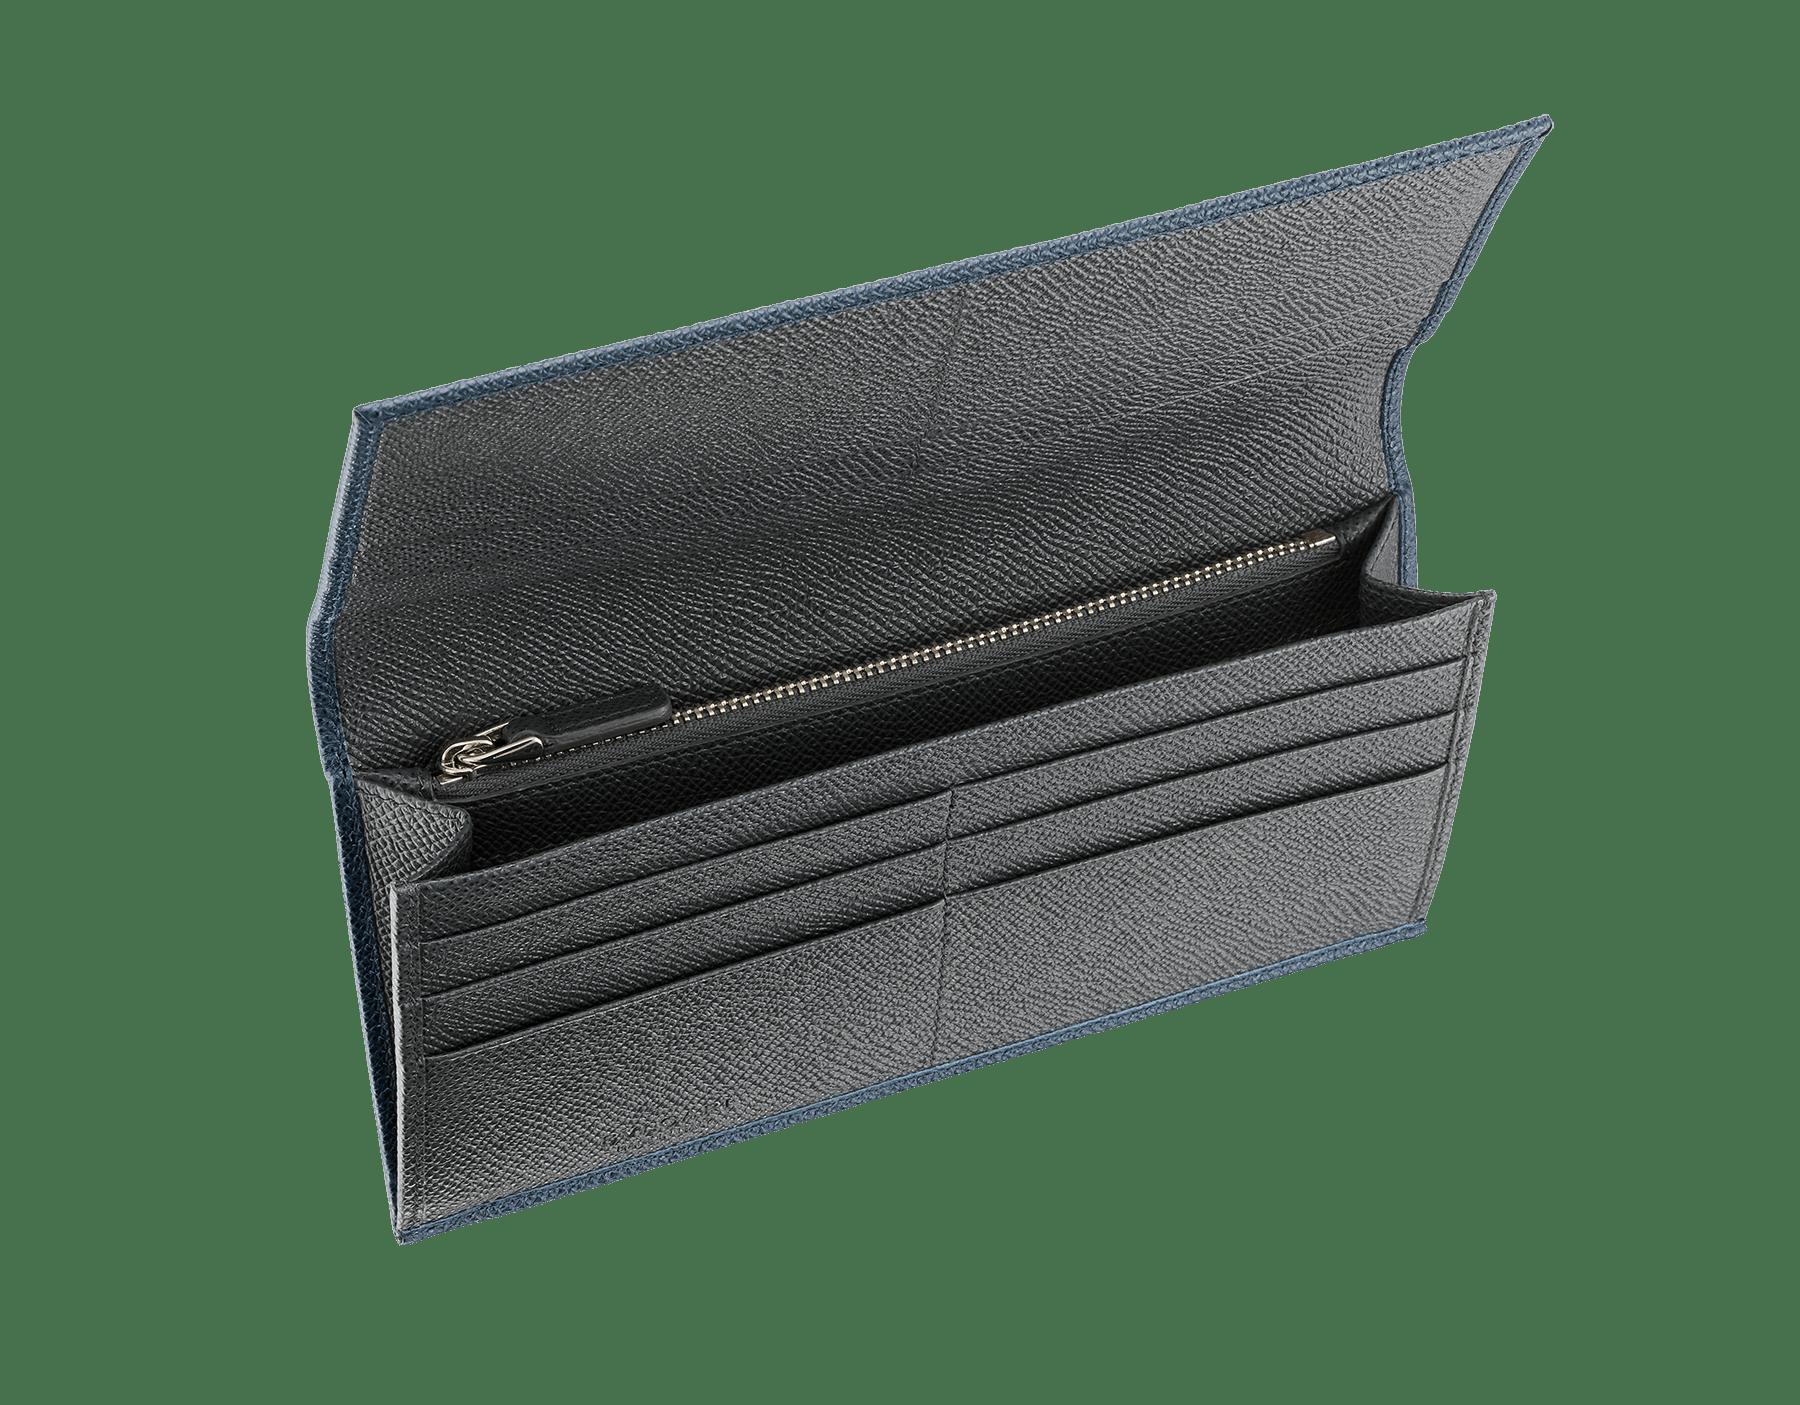 Long portefeuille international en cuir de veau grainé couleur Denim Sapphire et Charcoal Diamond avec doublure en cuir nappa bleu ardoise, éléments métalliques en laiton et motif BVLGARIBVLGARI. 289164 image 2